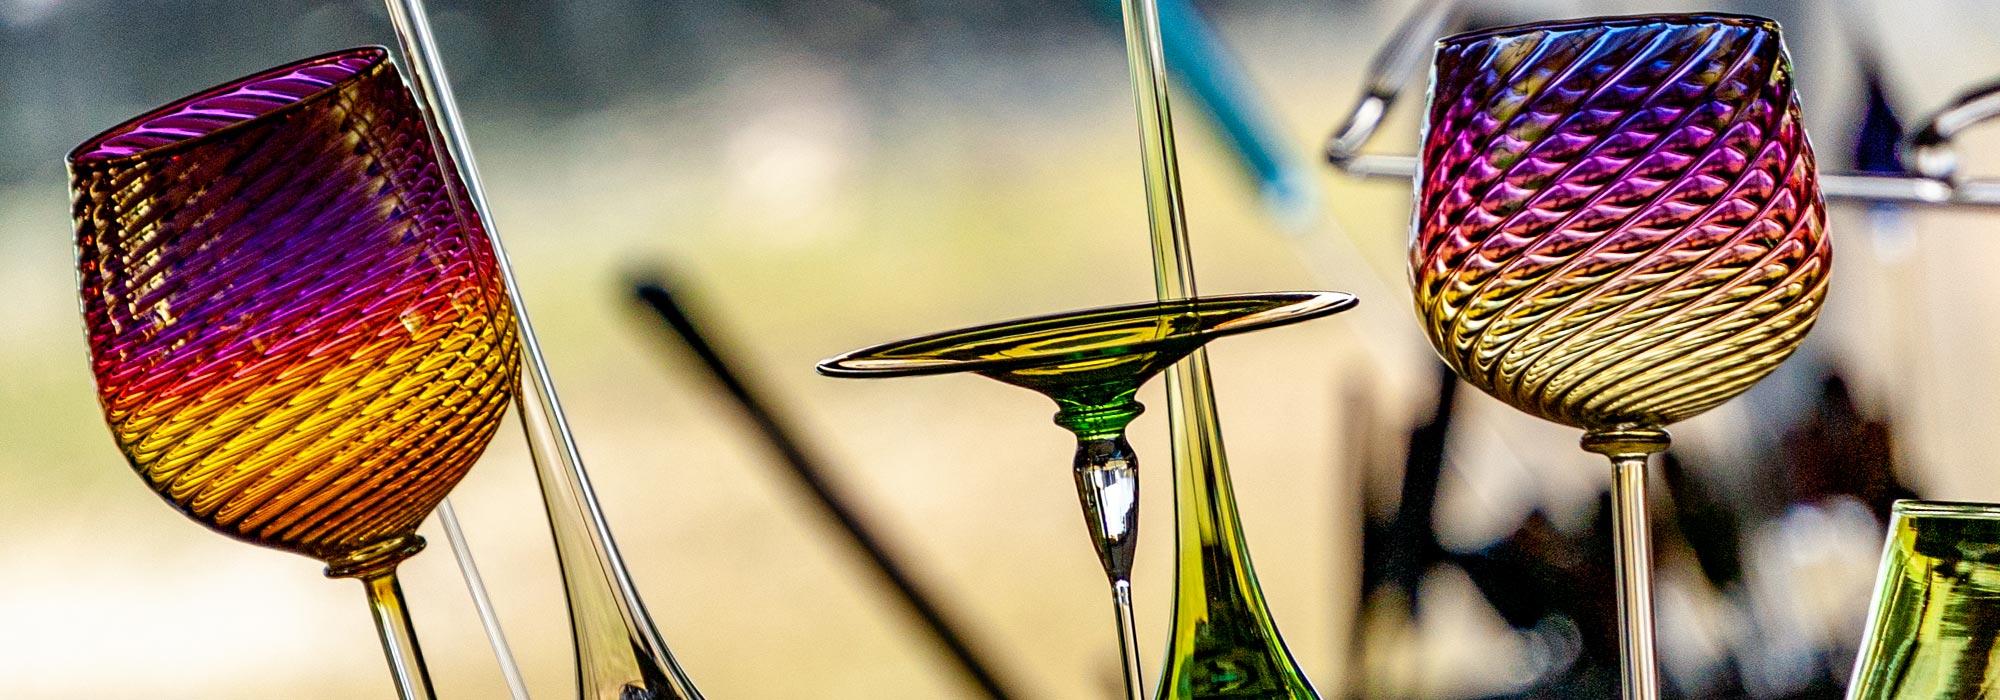 MELT glassware